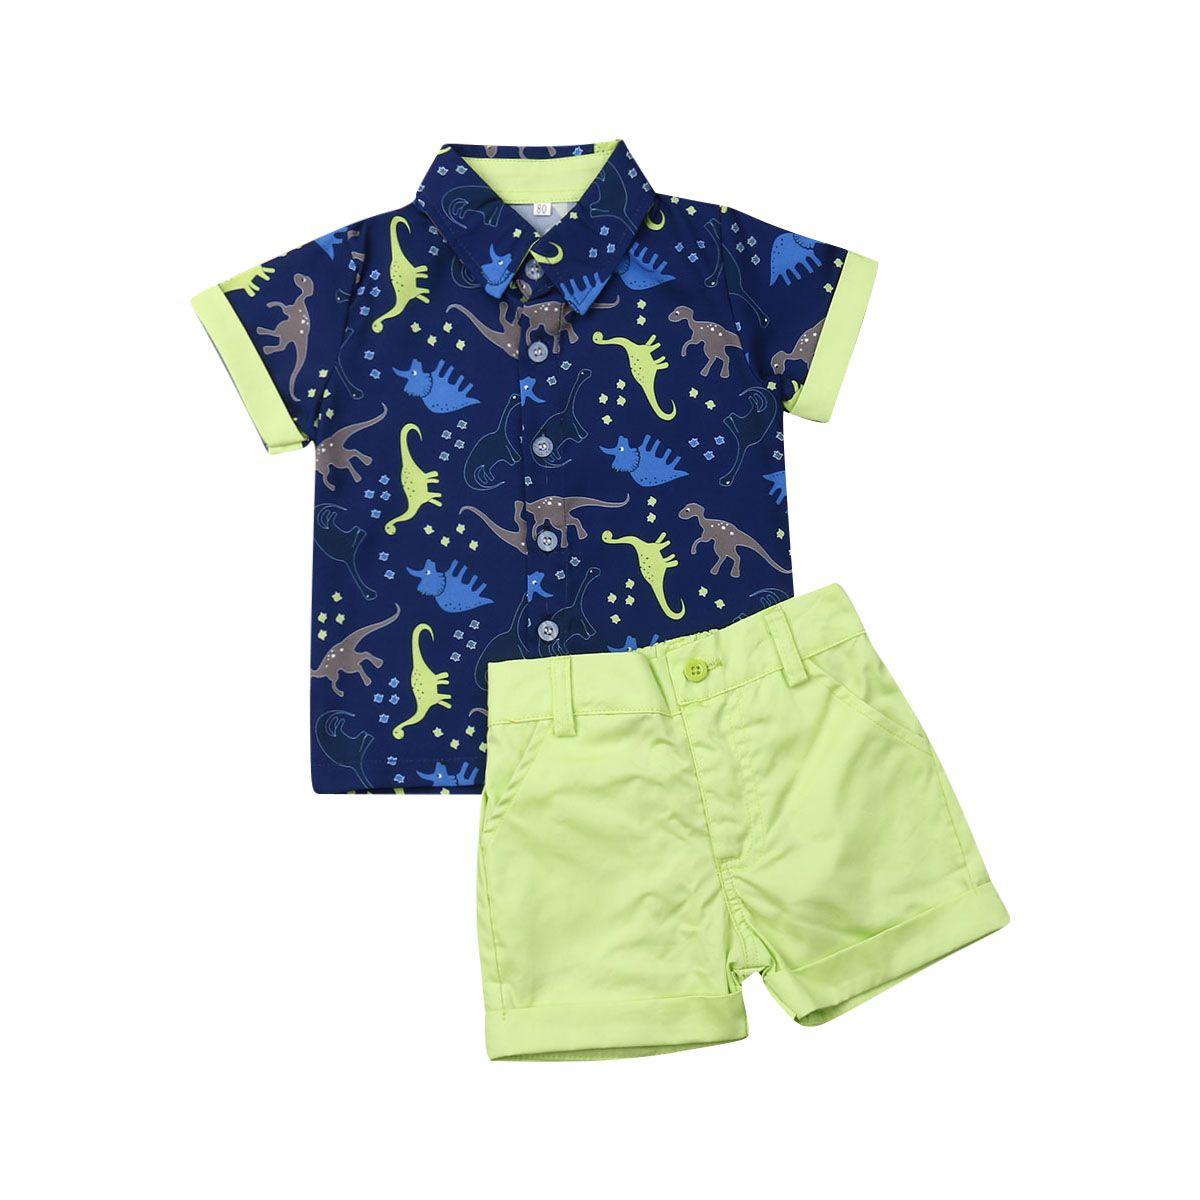 Niño recién nacido para niños Niños bebés ropa de la manga corta de los dinosaurios camiseta de la impresión de las tapas + los pantalones cortos Equipos Conjuntos